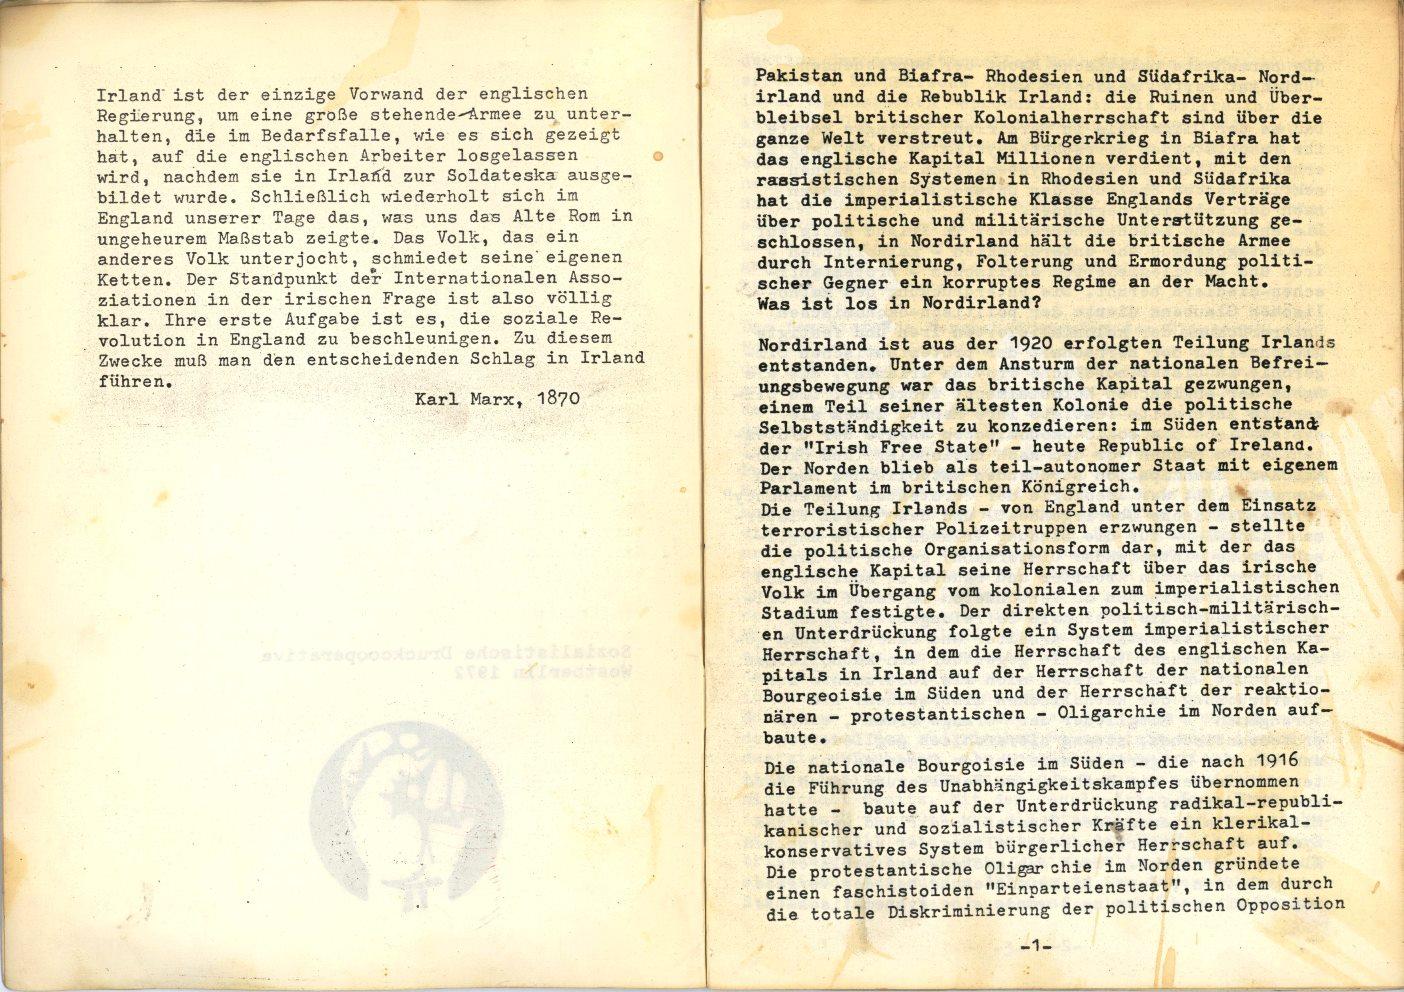 Berlin_Druckcooperative_1972_IRA_speaks_03